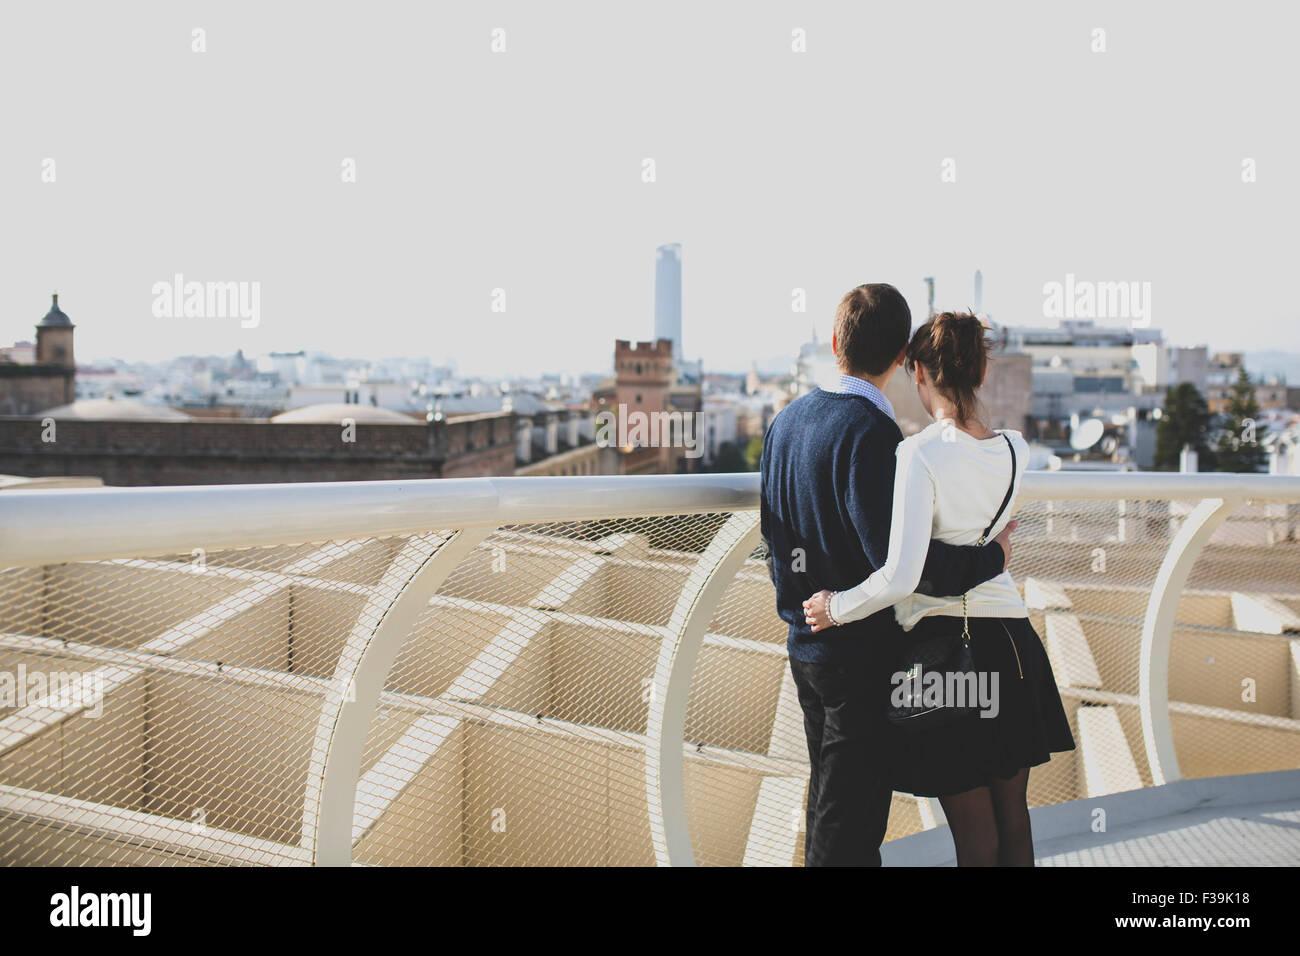 Ritratto di una giovane coppia in cerca di viste sulla città, Siviglia, Andalusia, Spagna Immagini Stock